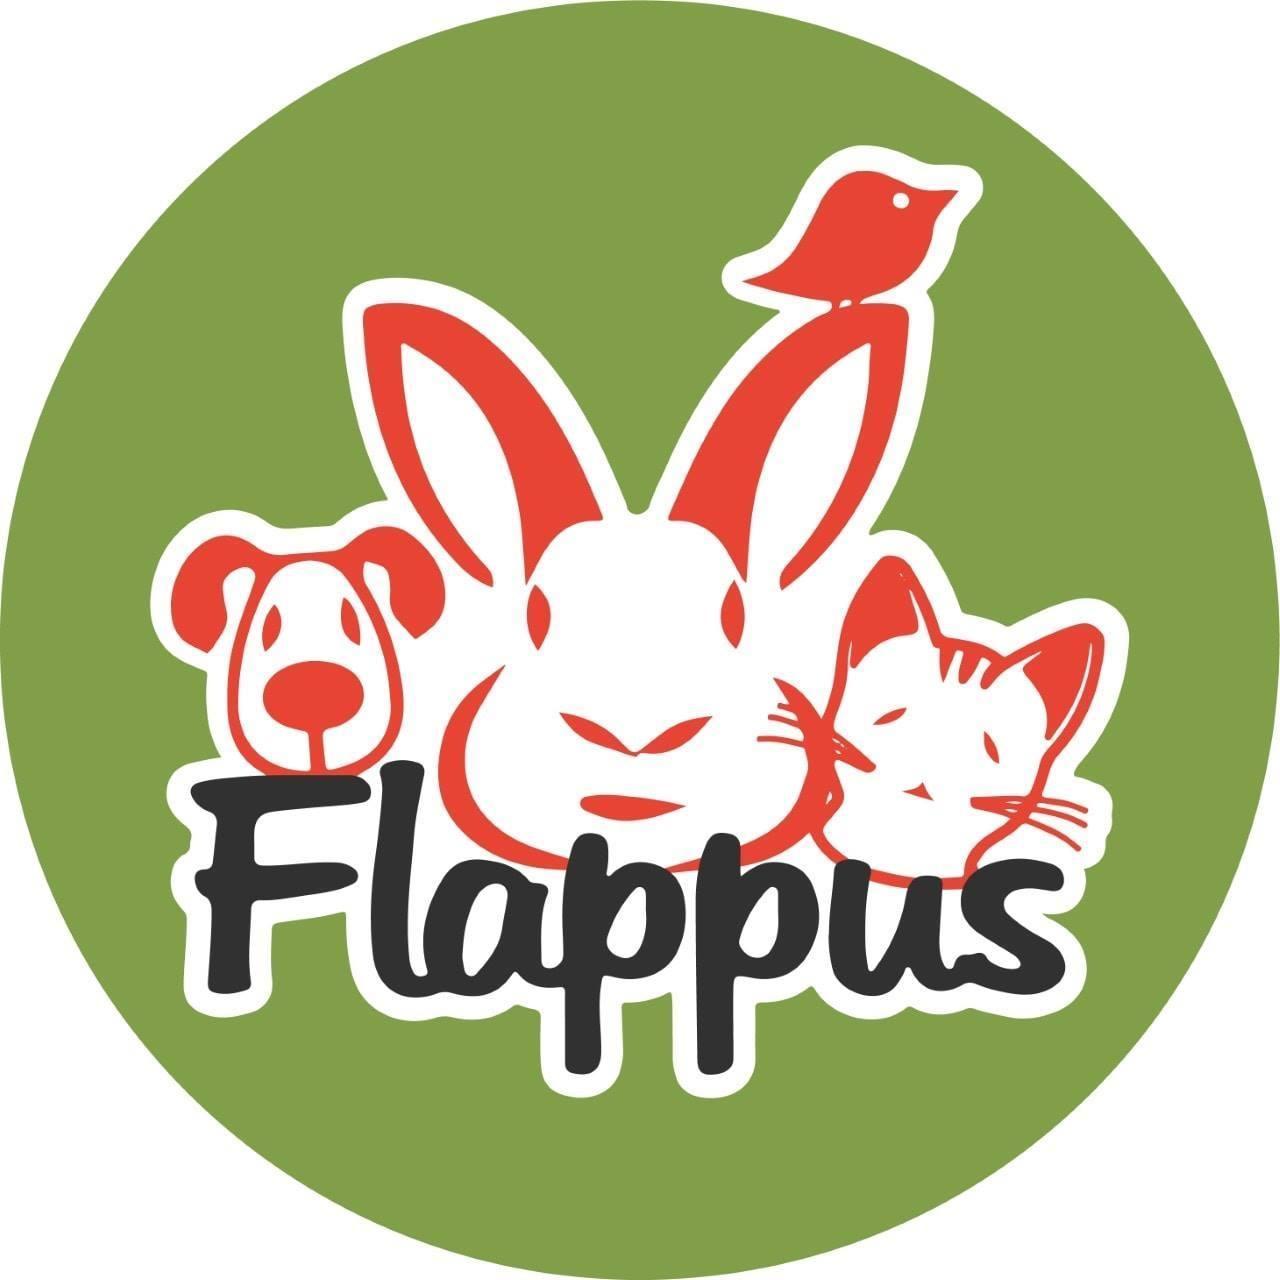 STICHTING FLAPPUS